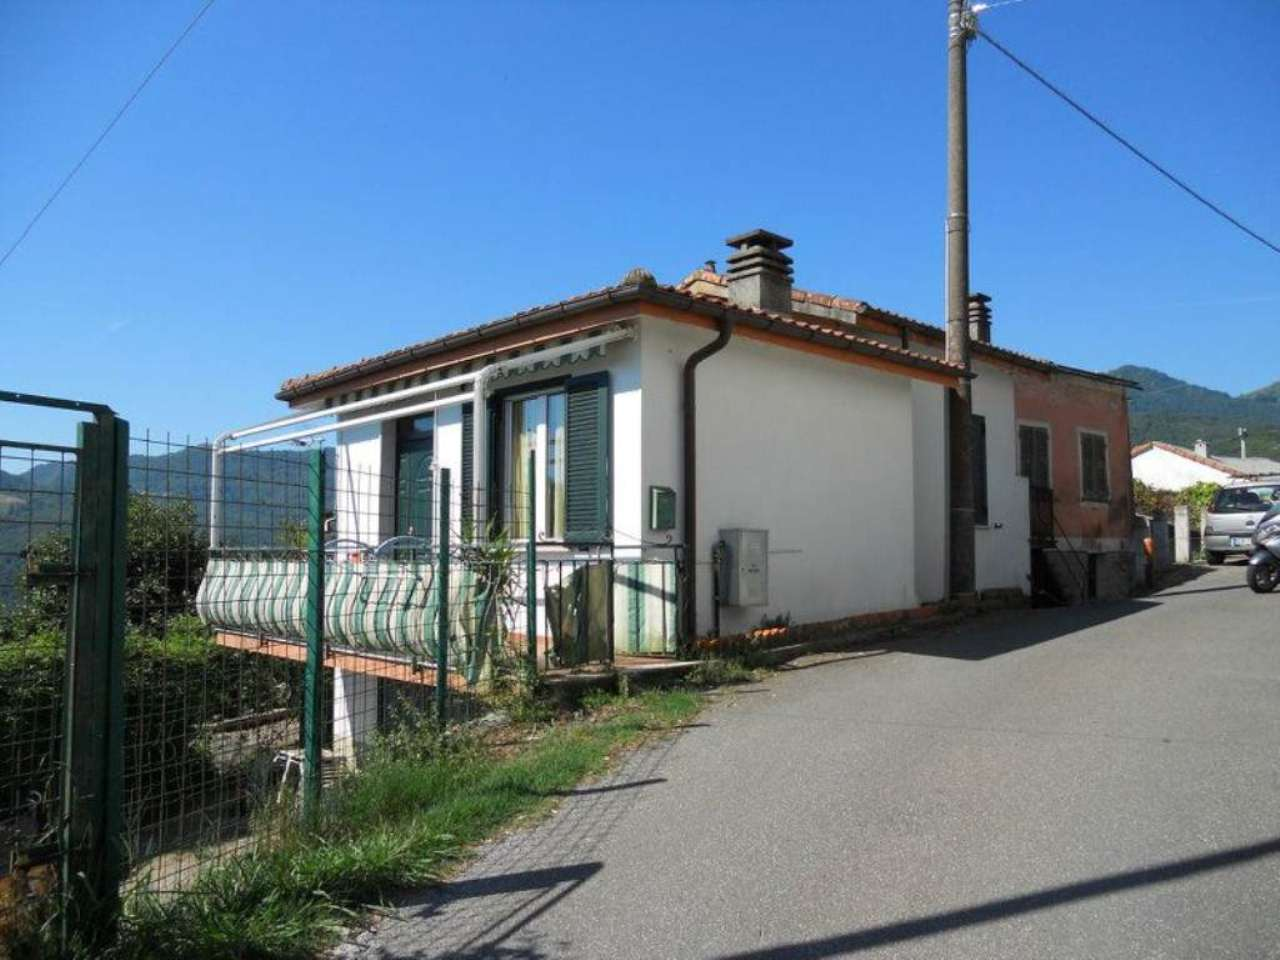 Soluzione Indipendente in vendita a Lumarzo, 5 locali, prezzo € 95.000   CambioCasa.it